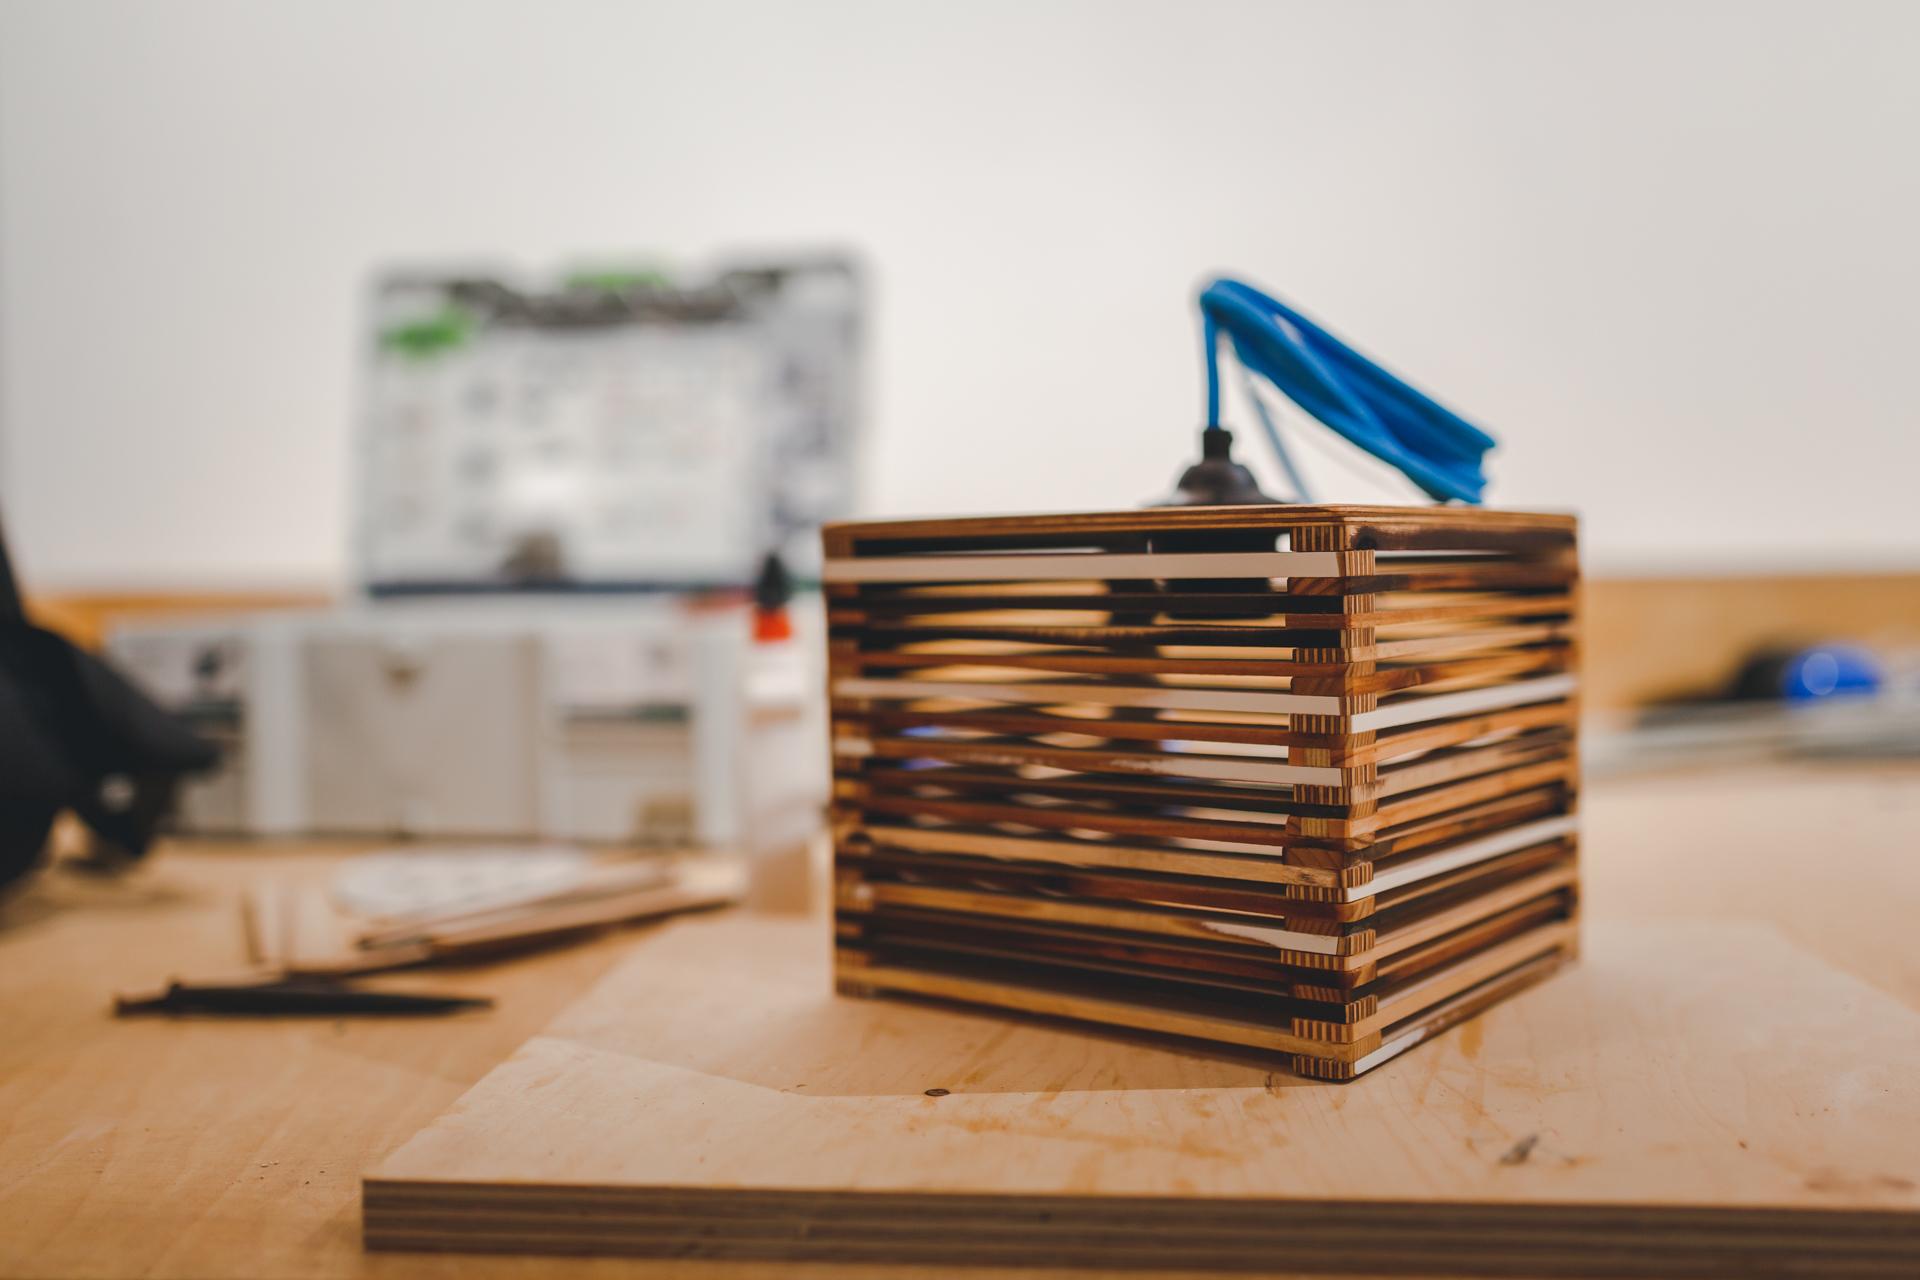 eva lichtobjekt aus restholz selber bauen die urbanisten. Black Bedroom Furniture Sets. Home Design Ideas